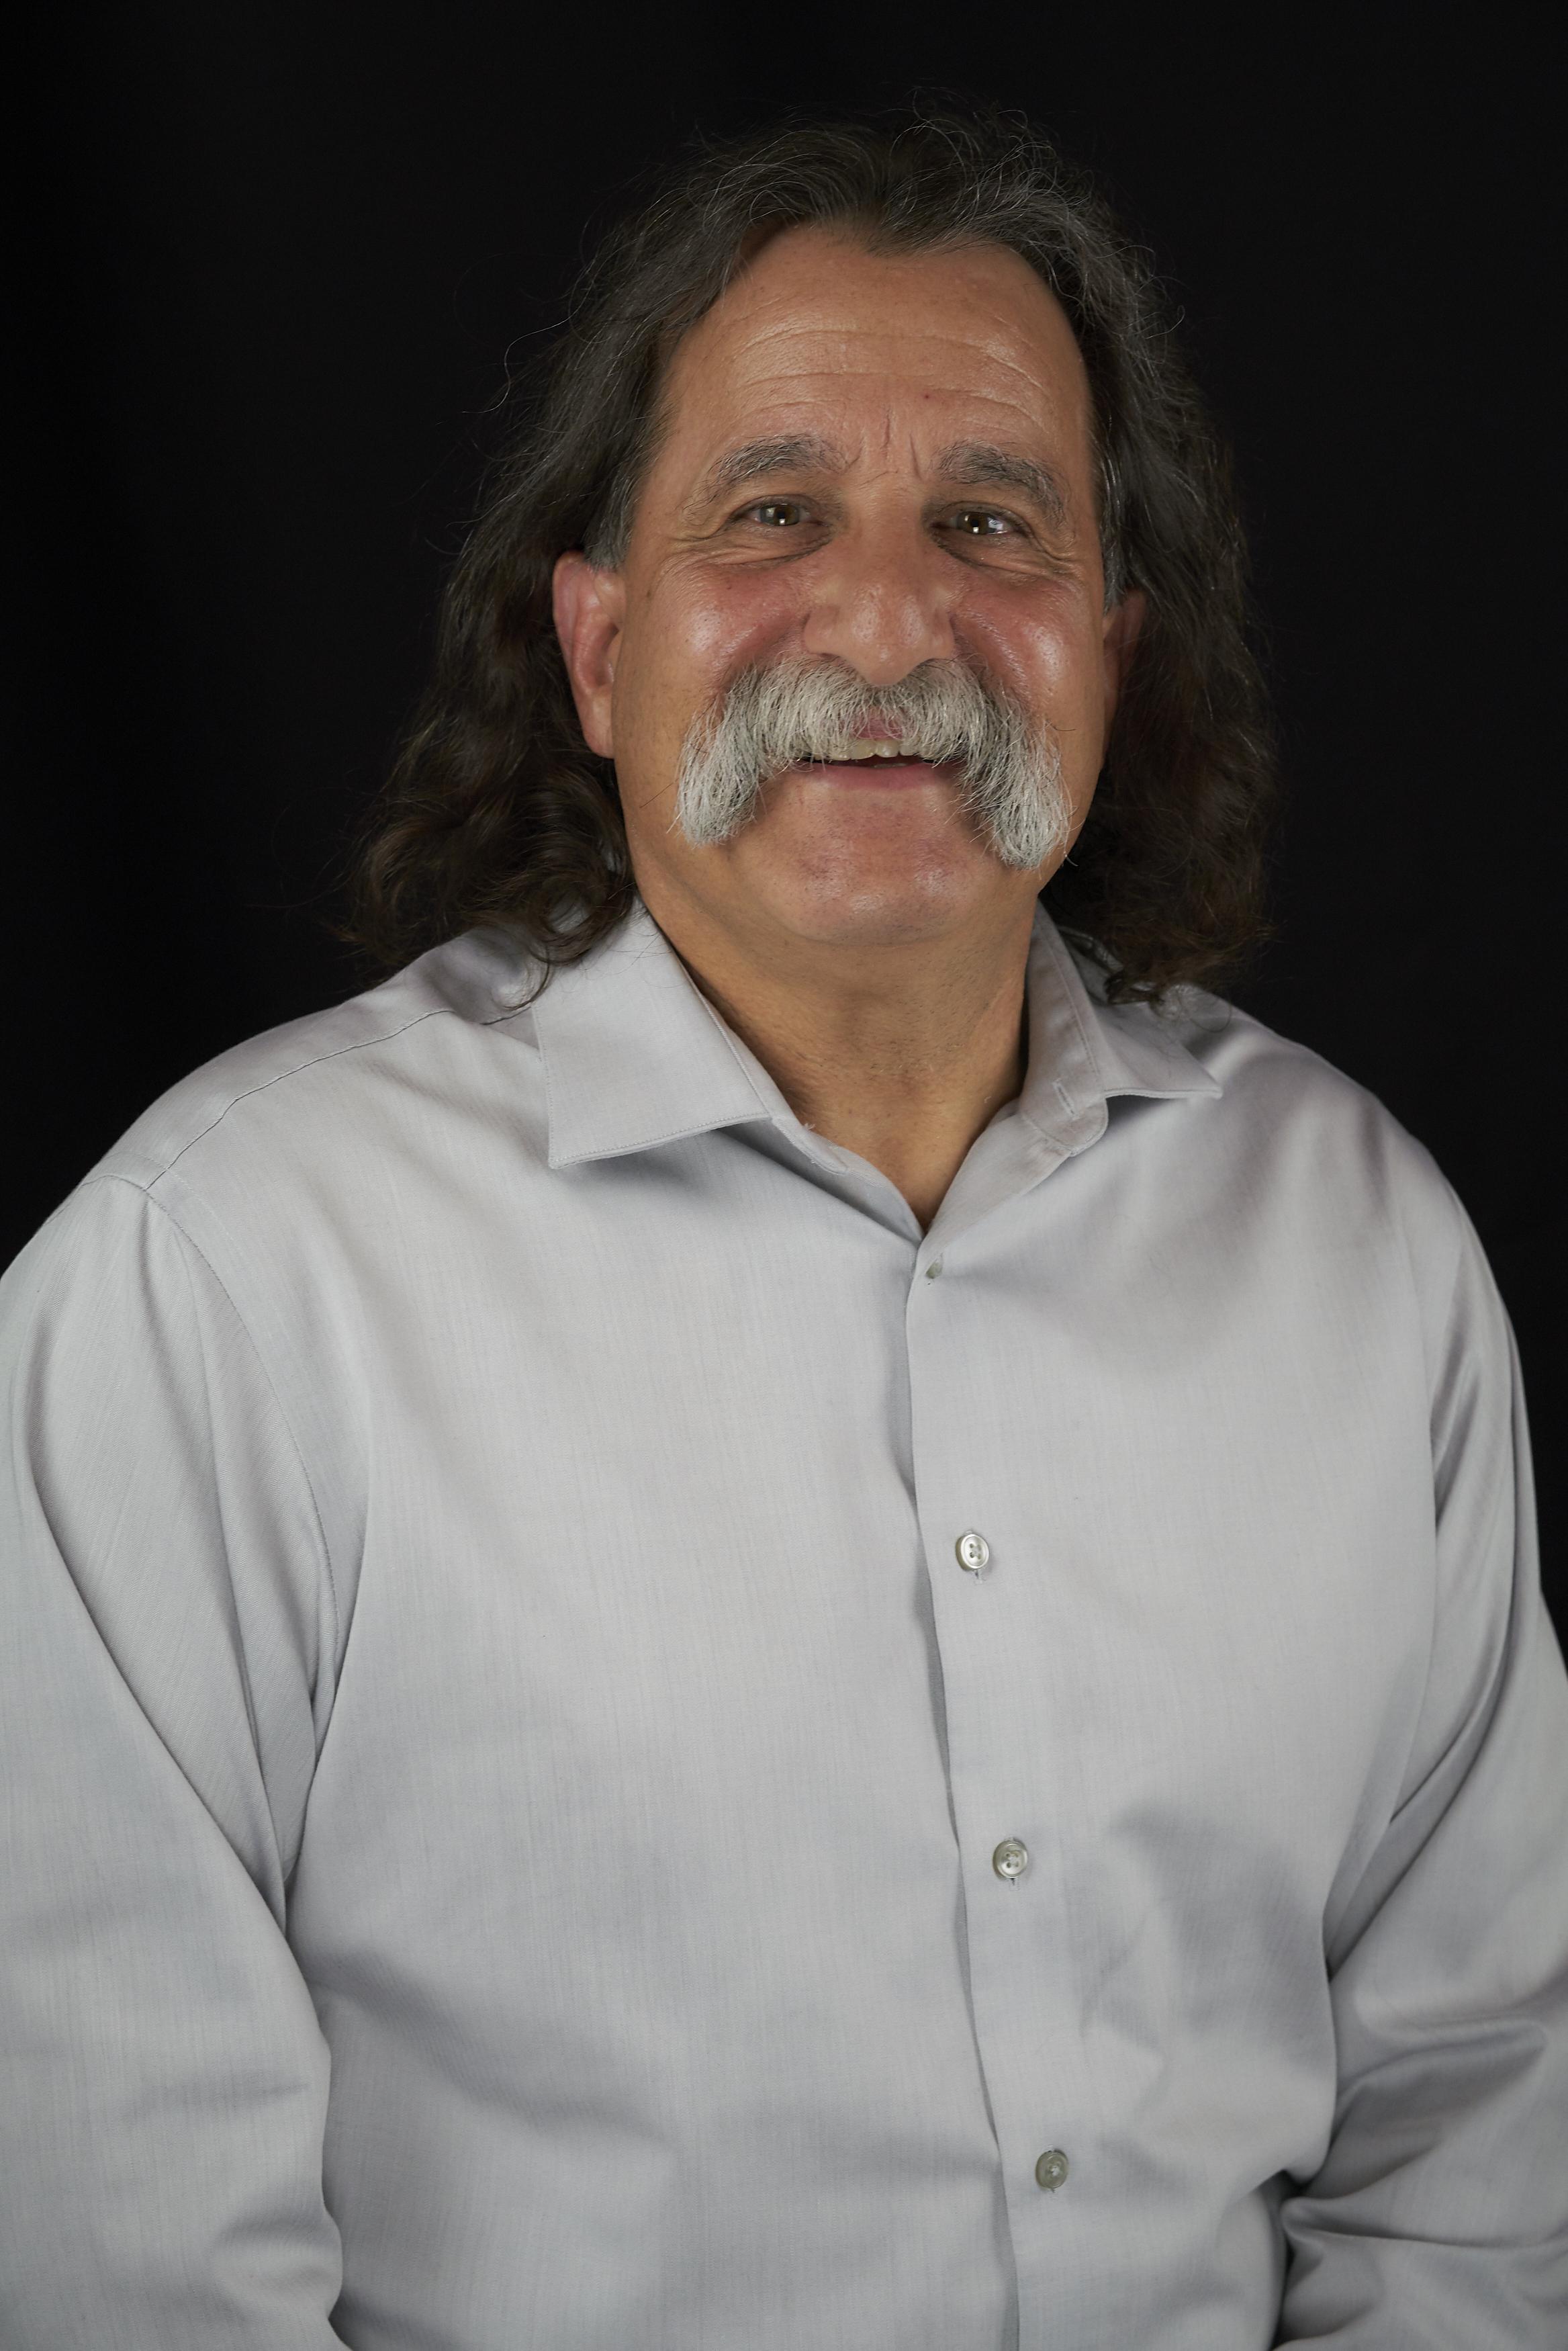 Tony Mancina